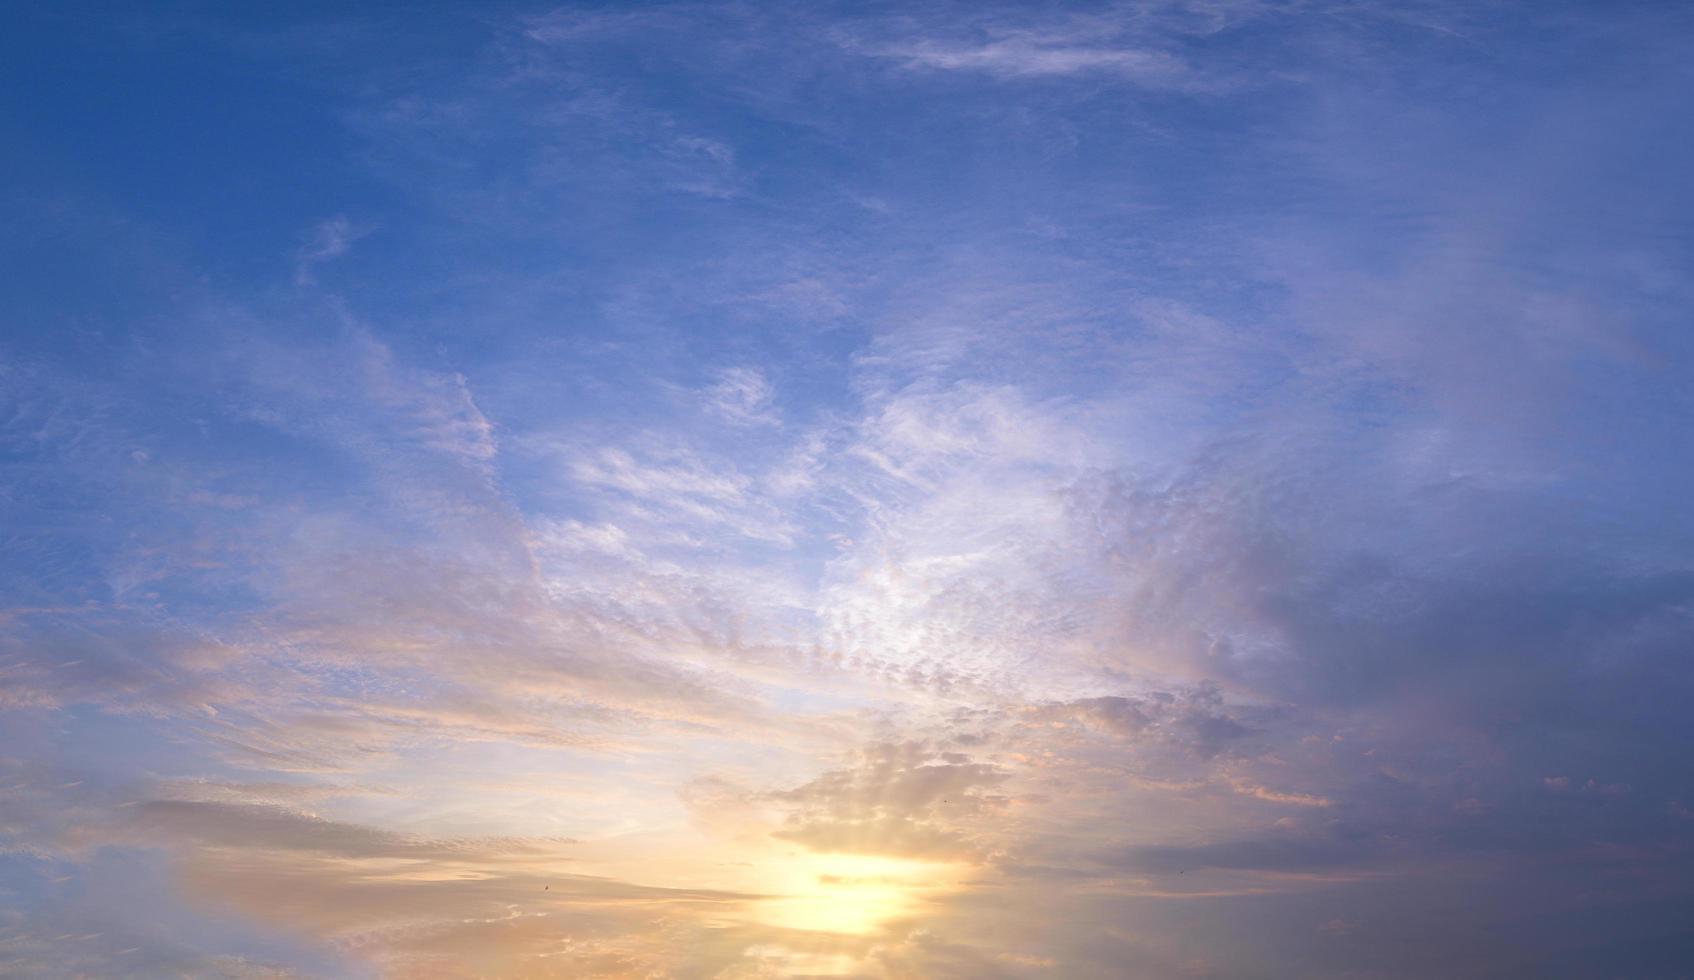 himmel och sol vid solnedgången foto